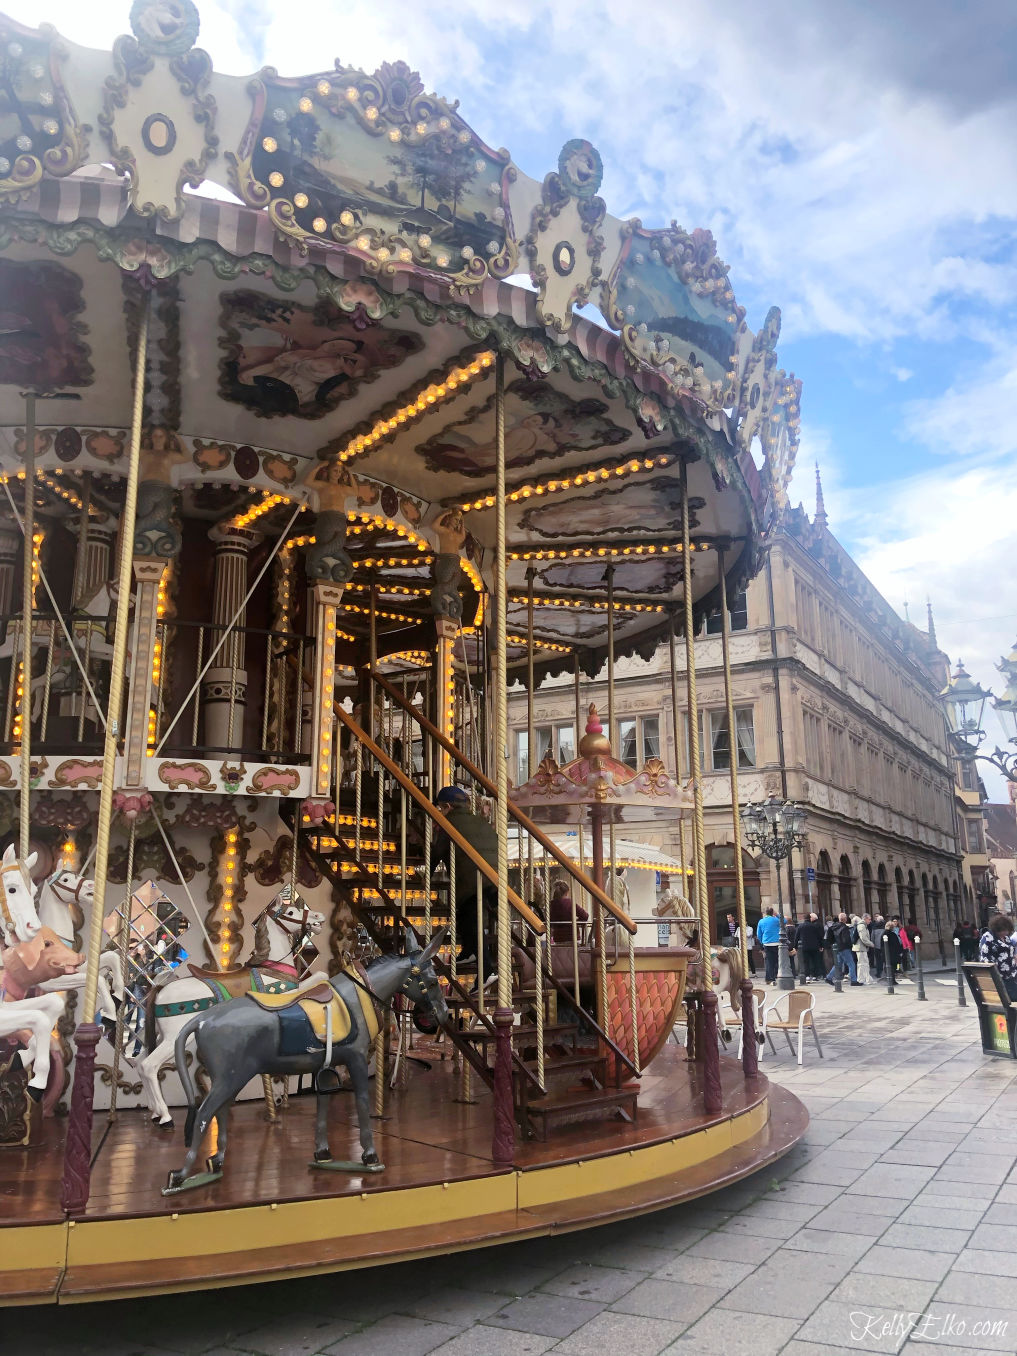 Love the charming carousel in Strasbourg France kellyelko.com #strasbourg #carousel #travelblog #rivercruise